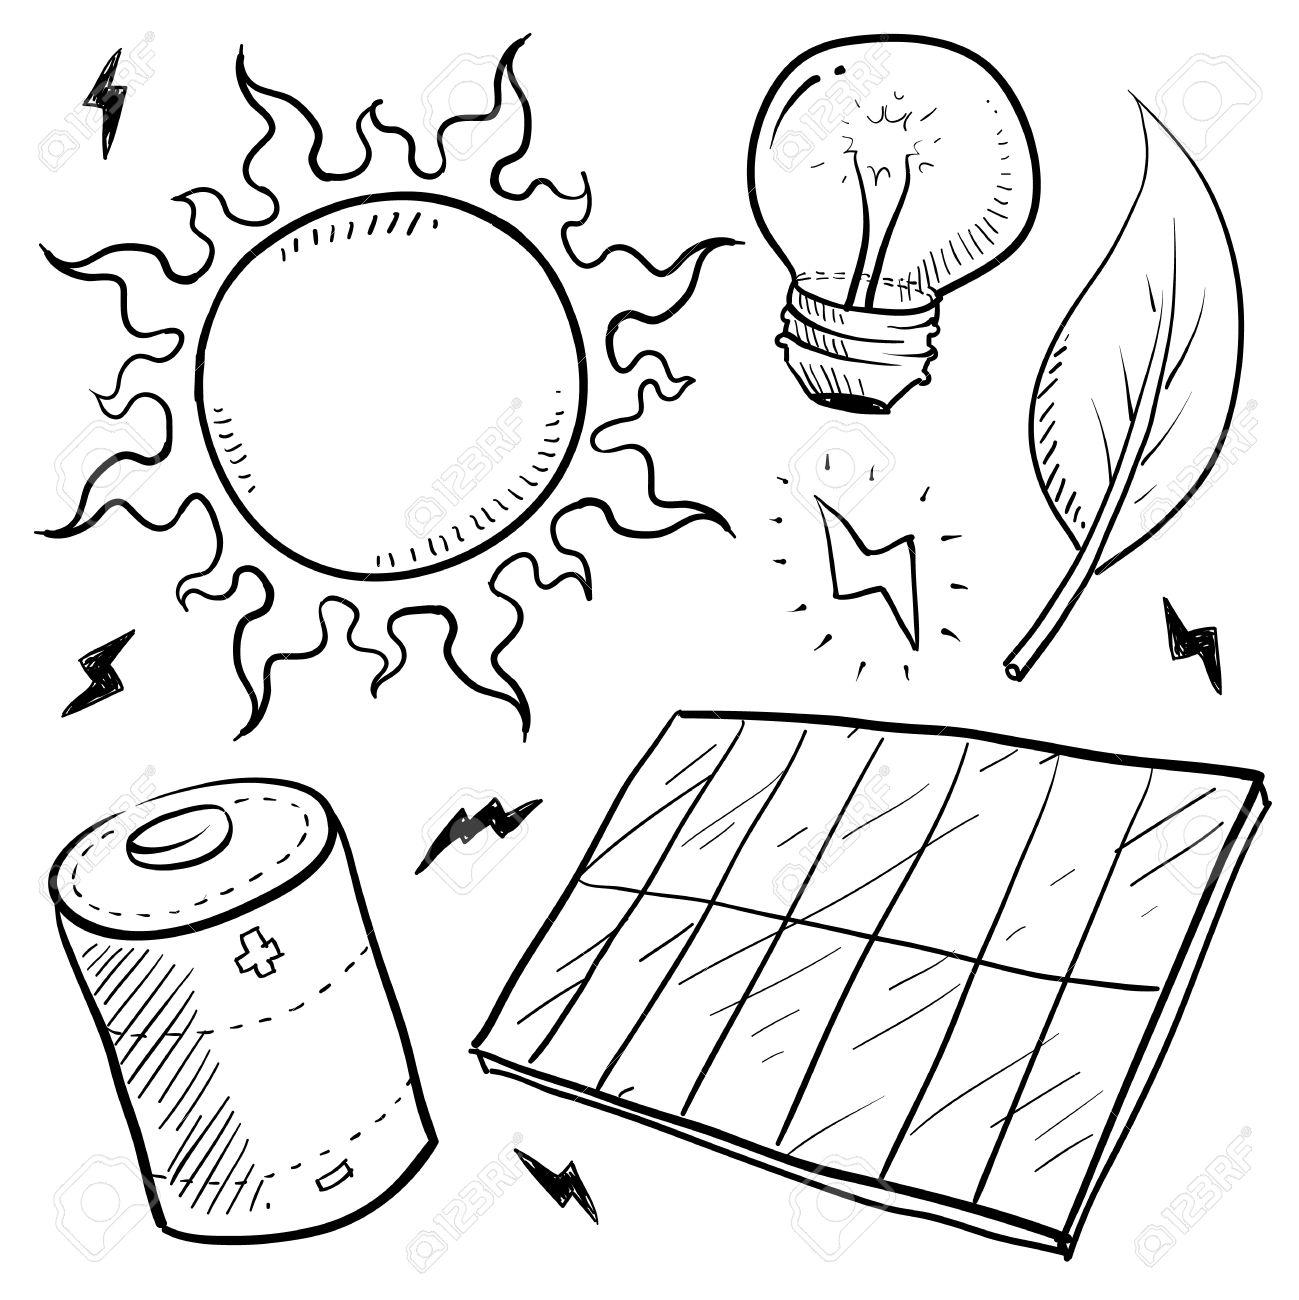 Doodle style renewable solar energy equipment sketch in vector